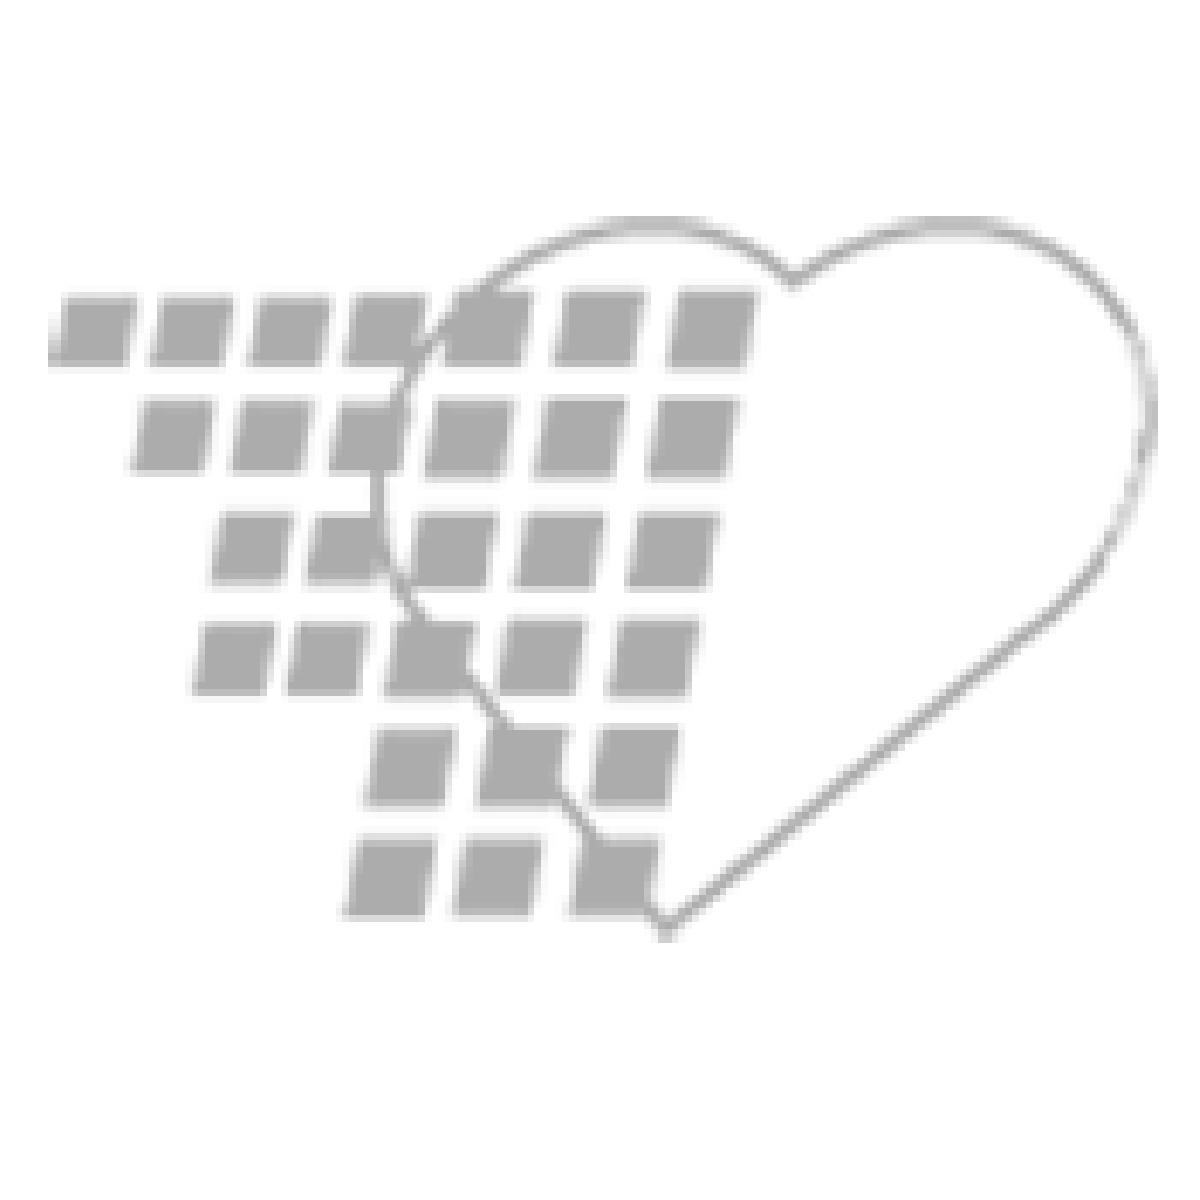 06-93-6938 Demo Dose® FentaNL citrat Actq 2 mL 100 mcg/2 mL